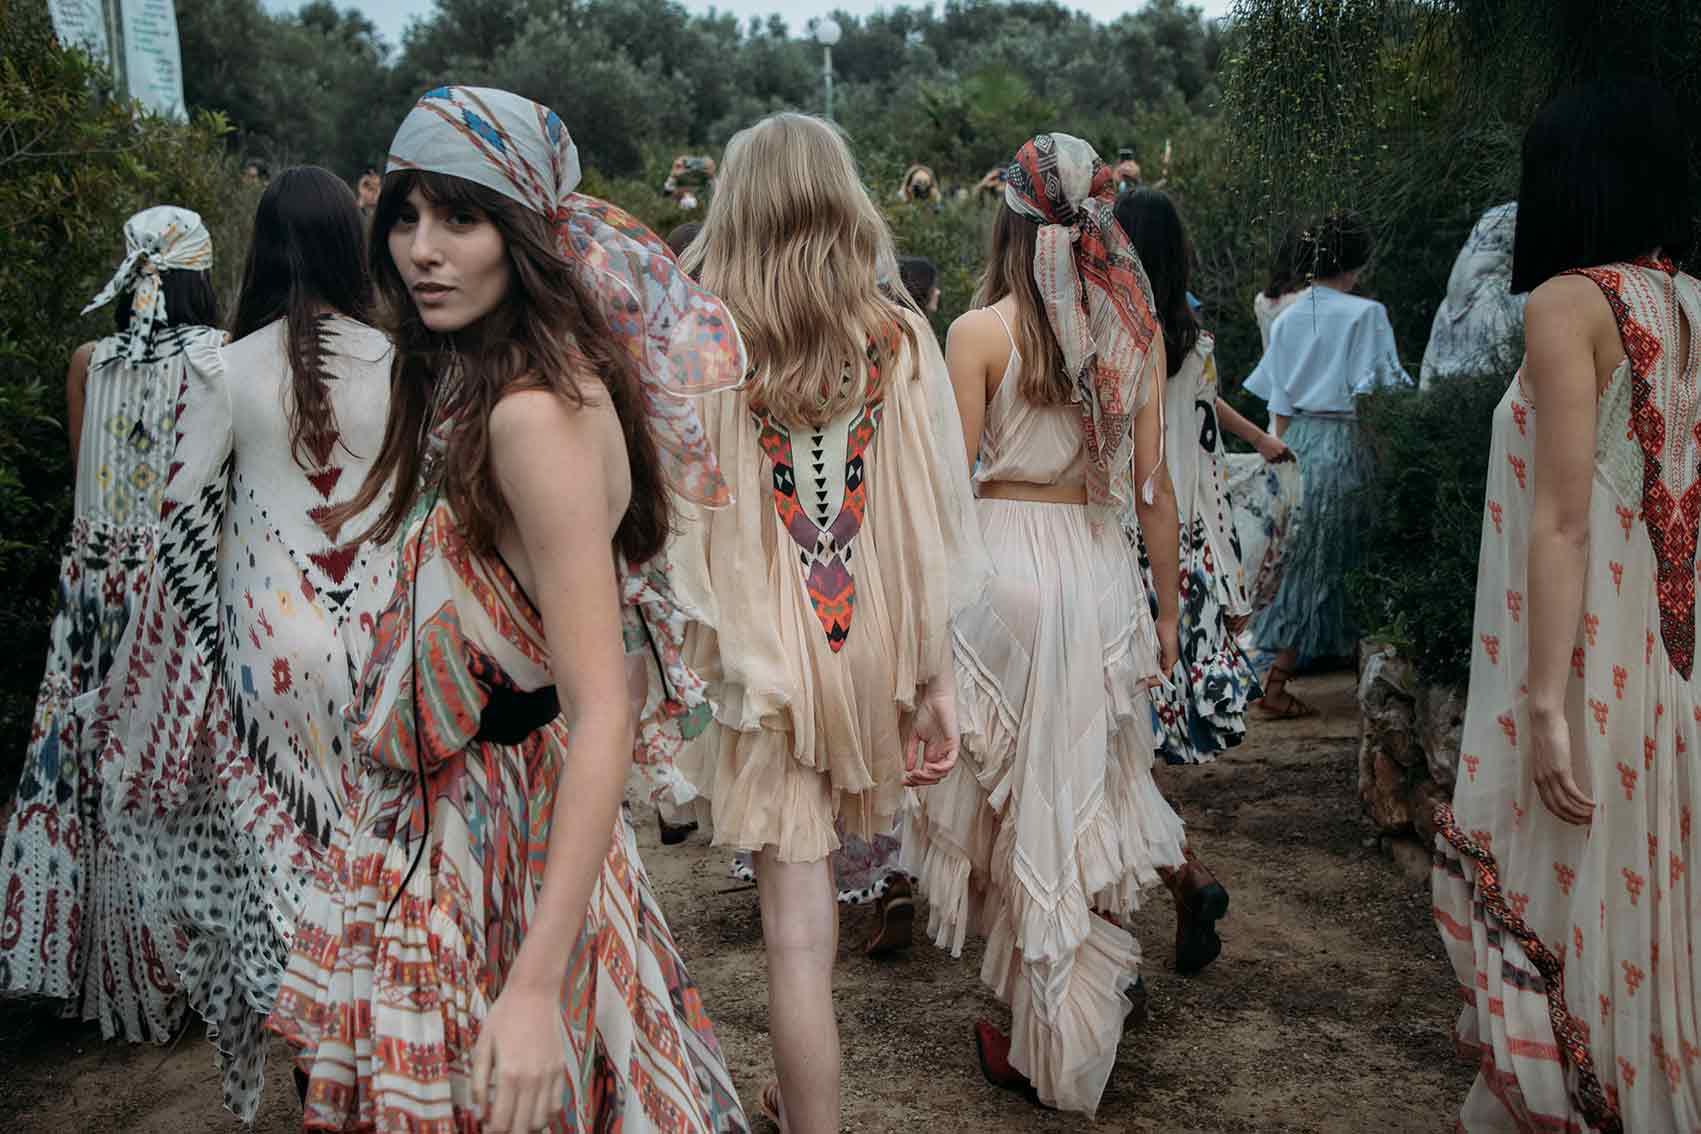 אופנה-ויוי בלאיש, קולקציית Sign Of The Times. צילום: דנה לביא